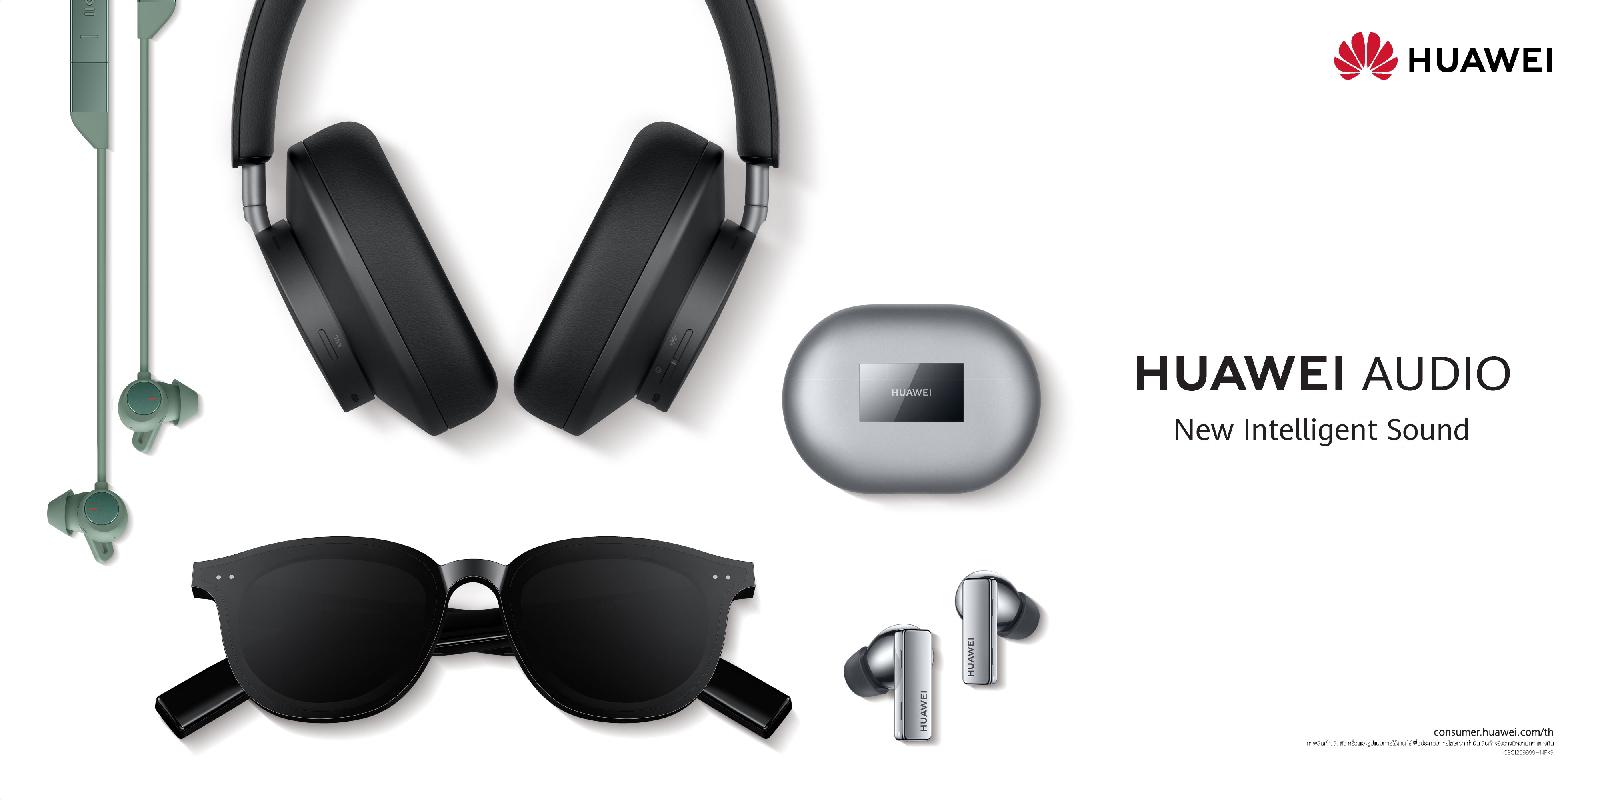 Huawei เปิดตัว 4 โปรดักส์ใหม่ เอาใจคอฟังเพลงทุกรูปแบบด้วย HUAWEI FreeBuds Pro, HUAWEI FreeLace Pro, HUAWEI FreeBuds Studio และ HUAWEI x GENTLE MONSTER Eyewear II แว่นตาอัจฉริยะรุ่นสอง